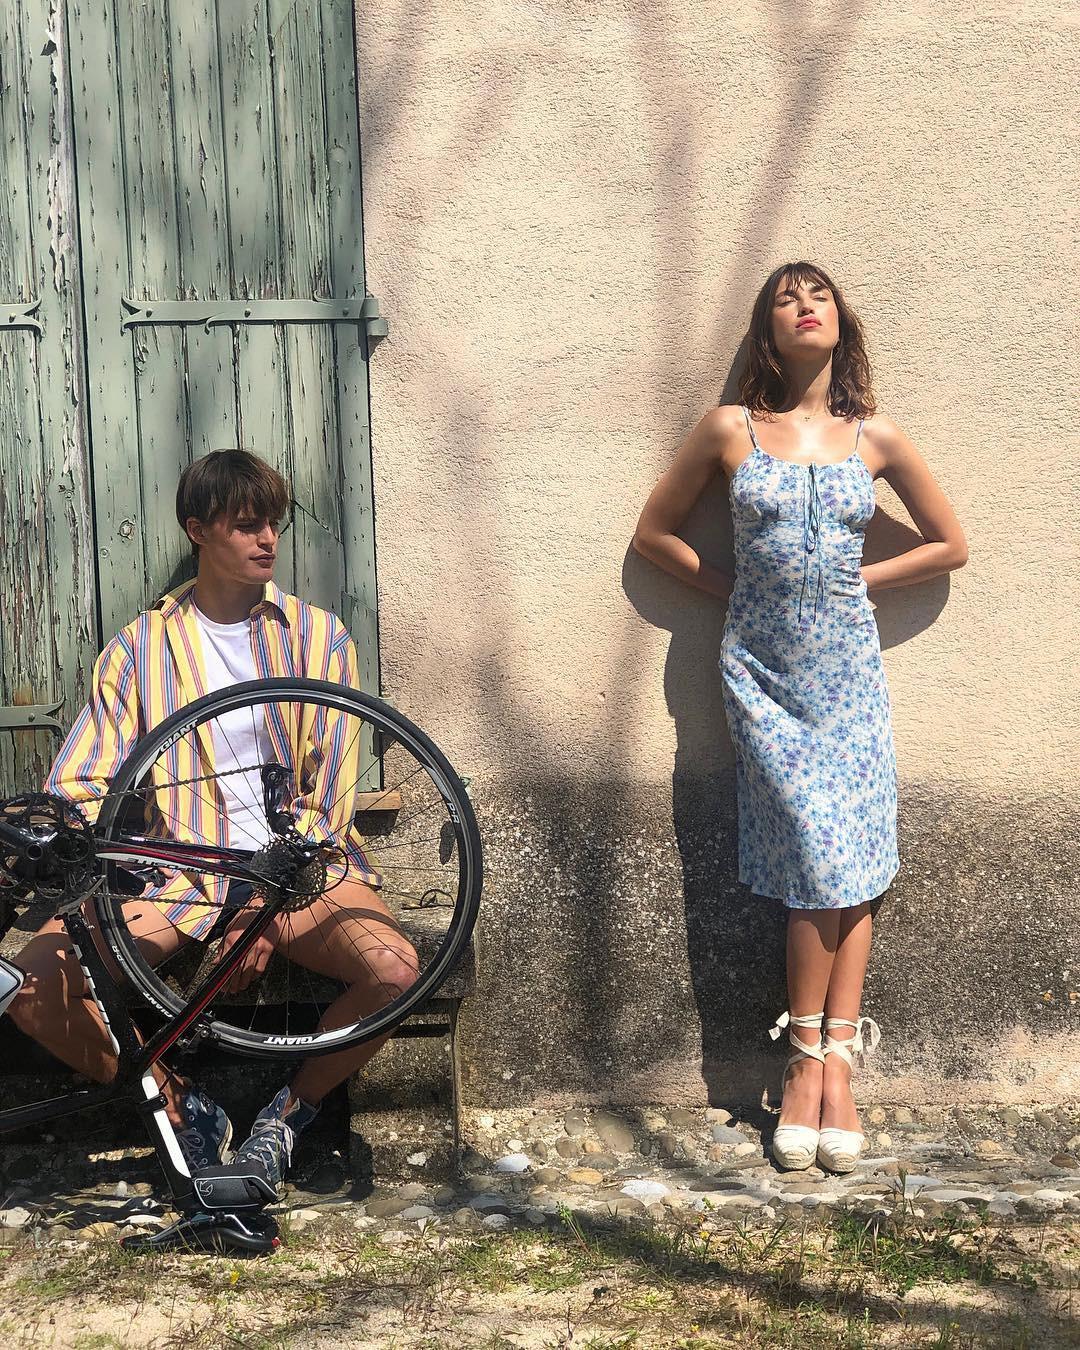 Với 5 items ai mặc cũng đẹp, phụ nữ Pháp đã sở hữu gu thời trang khiến cả thế giới ngưỡng mộ-8